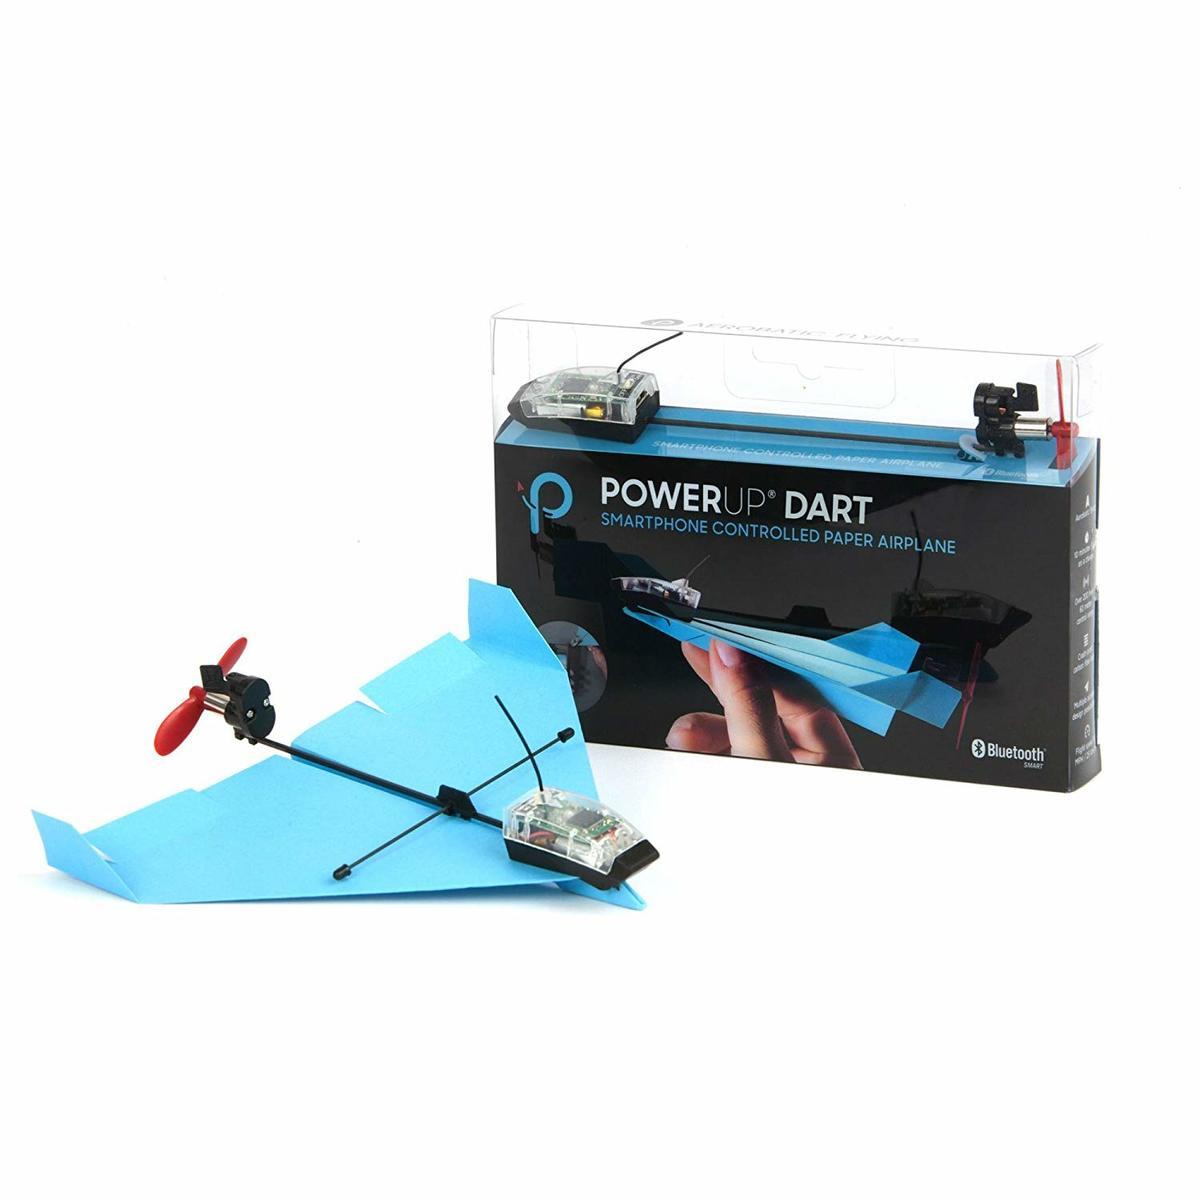 Dart 特技智能紙飛機手機控製玩具套件Android/iOS 藍色